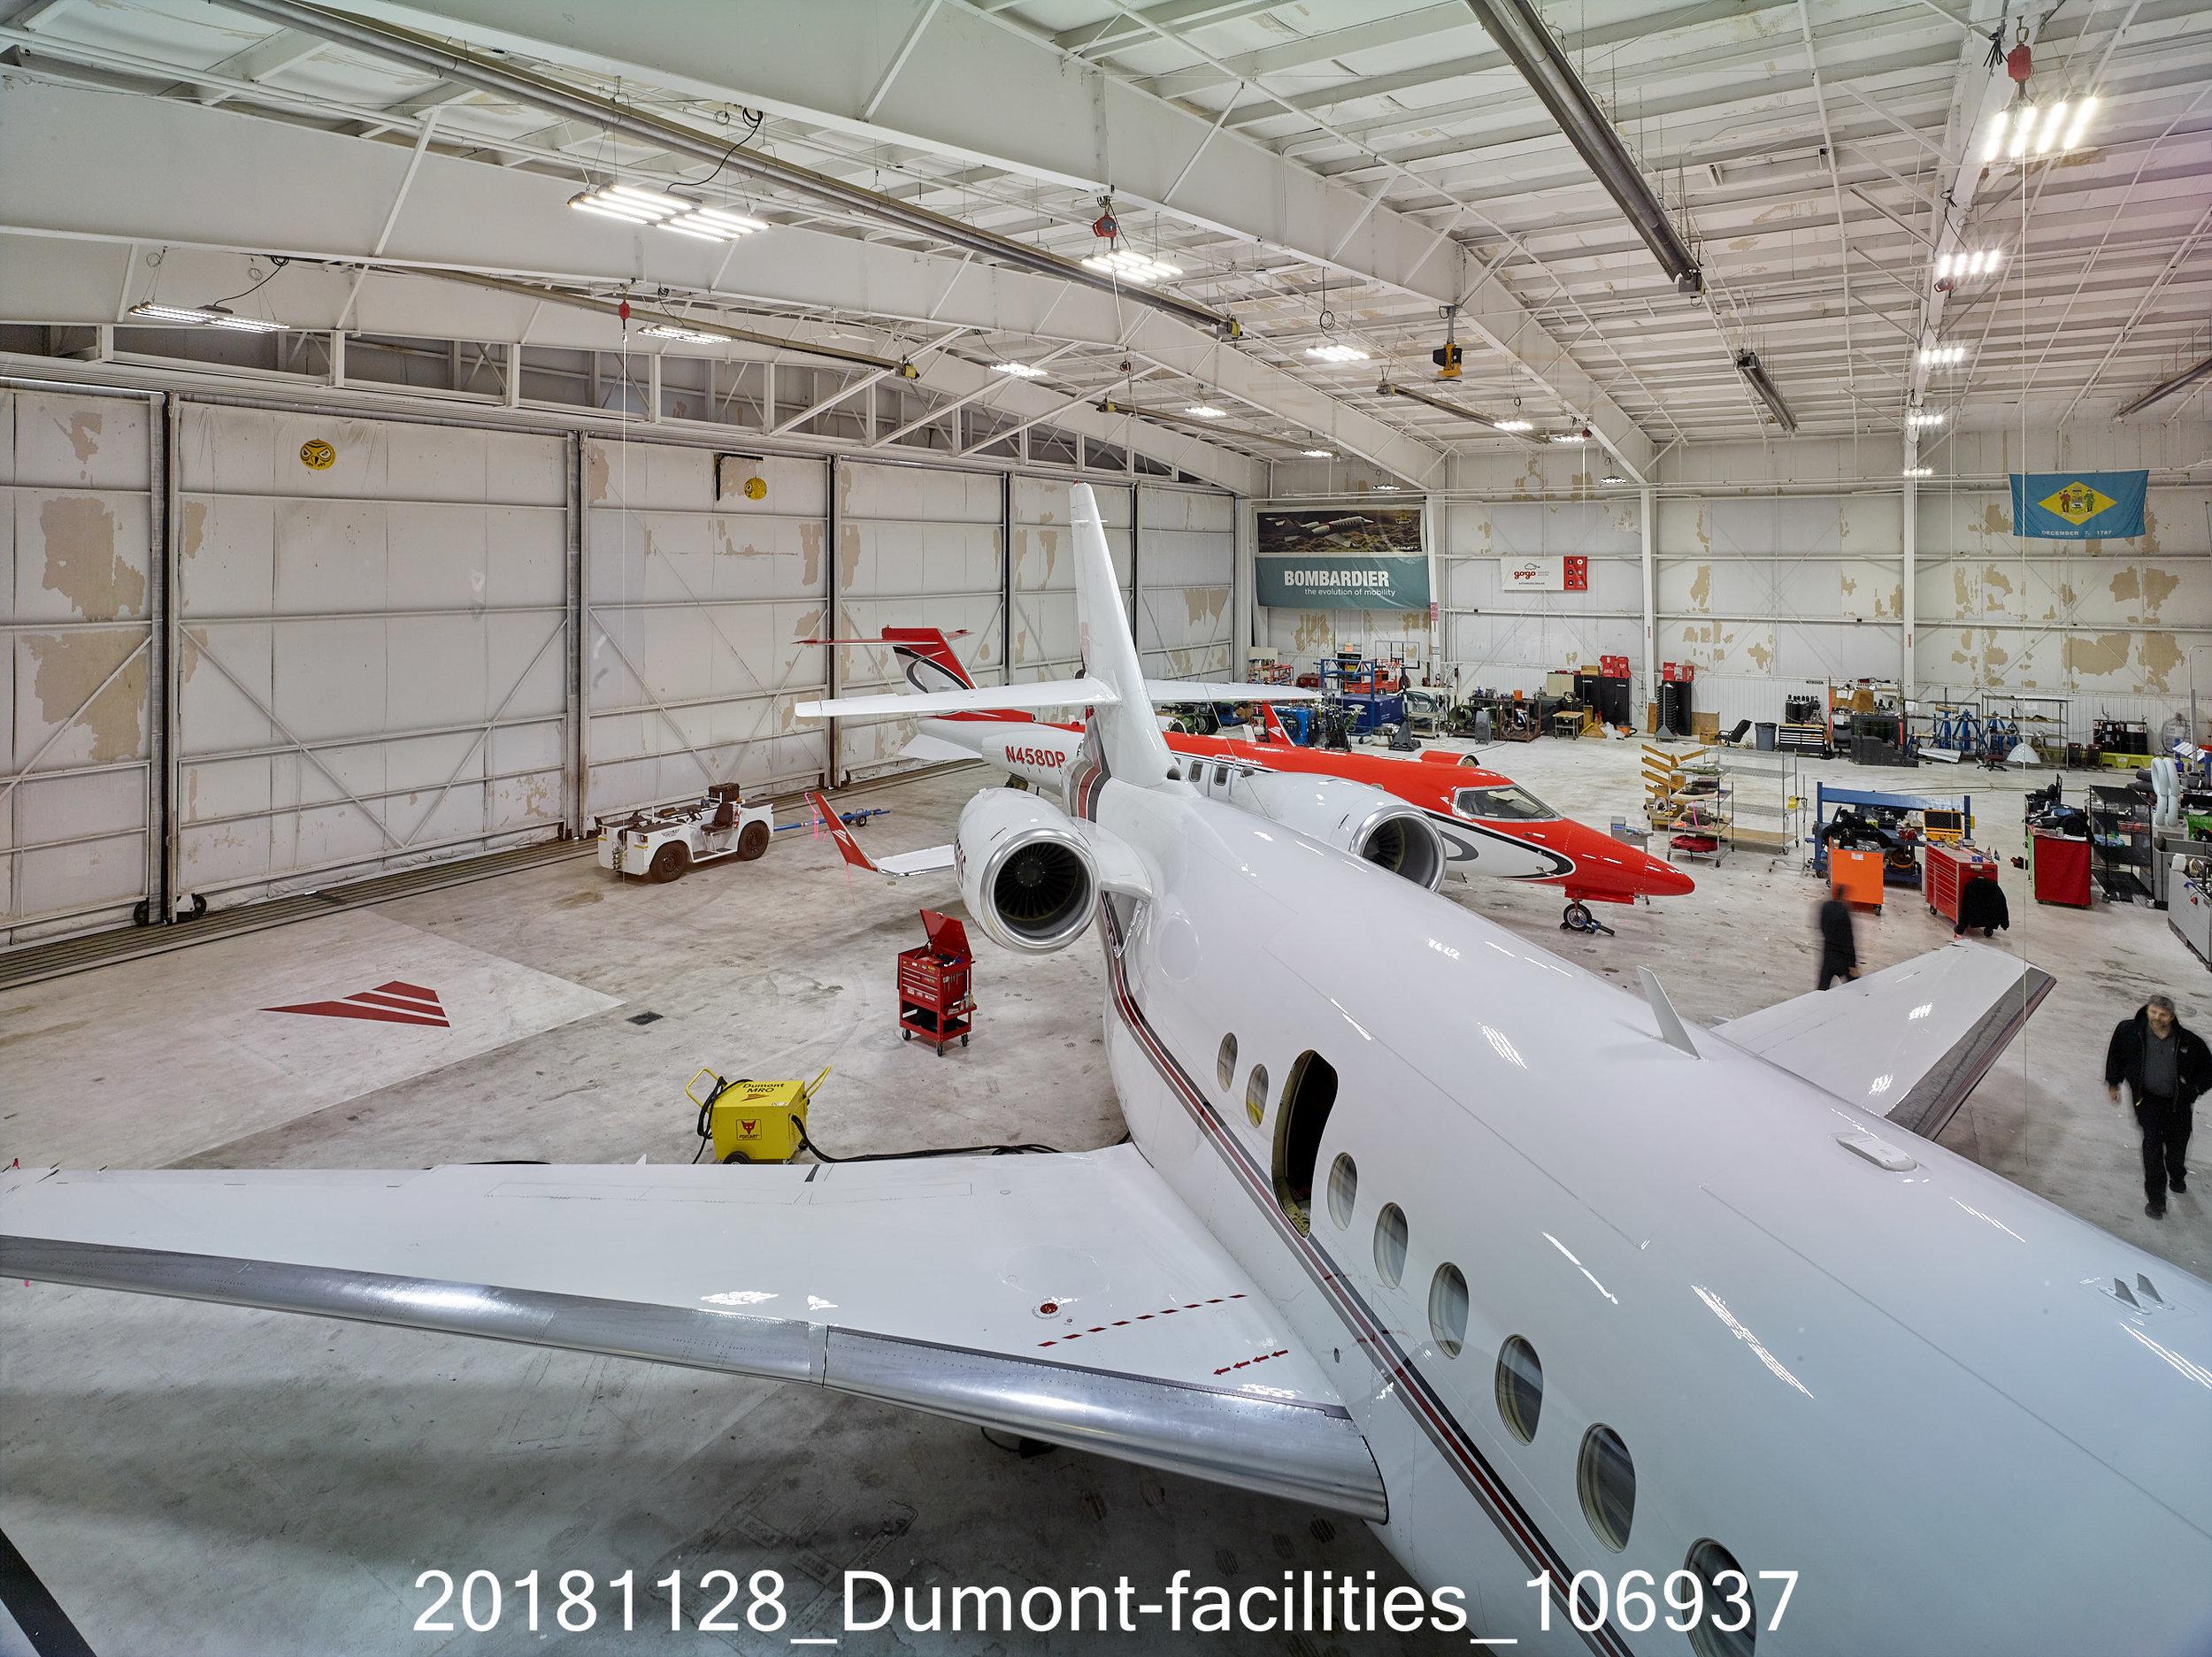 20181128_Dumont-facilities_106937.jpg